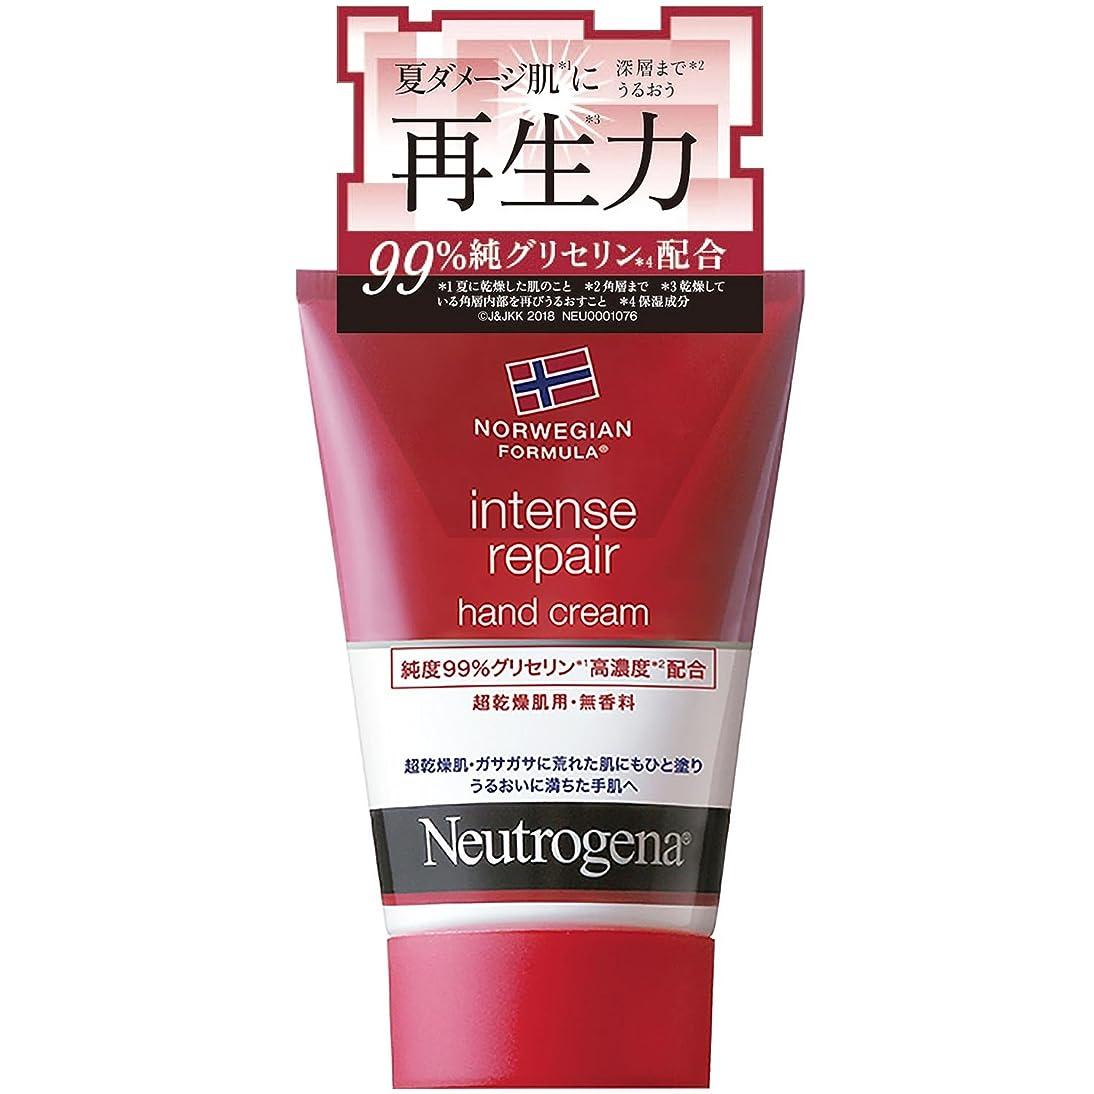 たくさんのタンパク質移行Neutrogena(ニュートロジーナ) ノルウェーフォーミュラ インテンスリペア ハンドクリーム 超乾燥肌用 無香料 50g